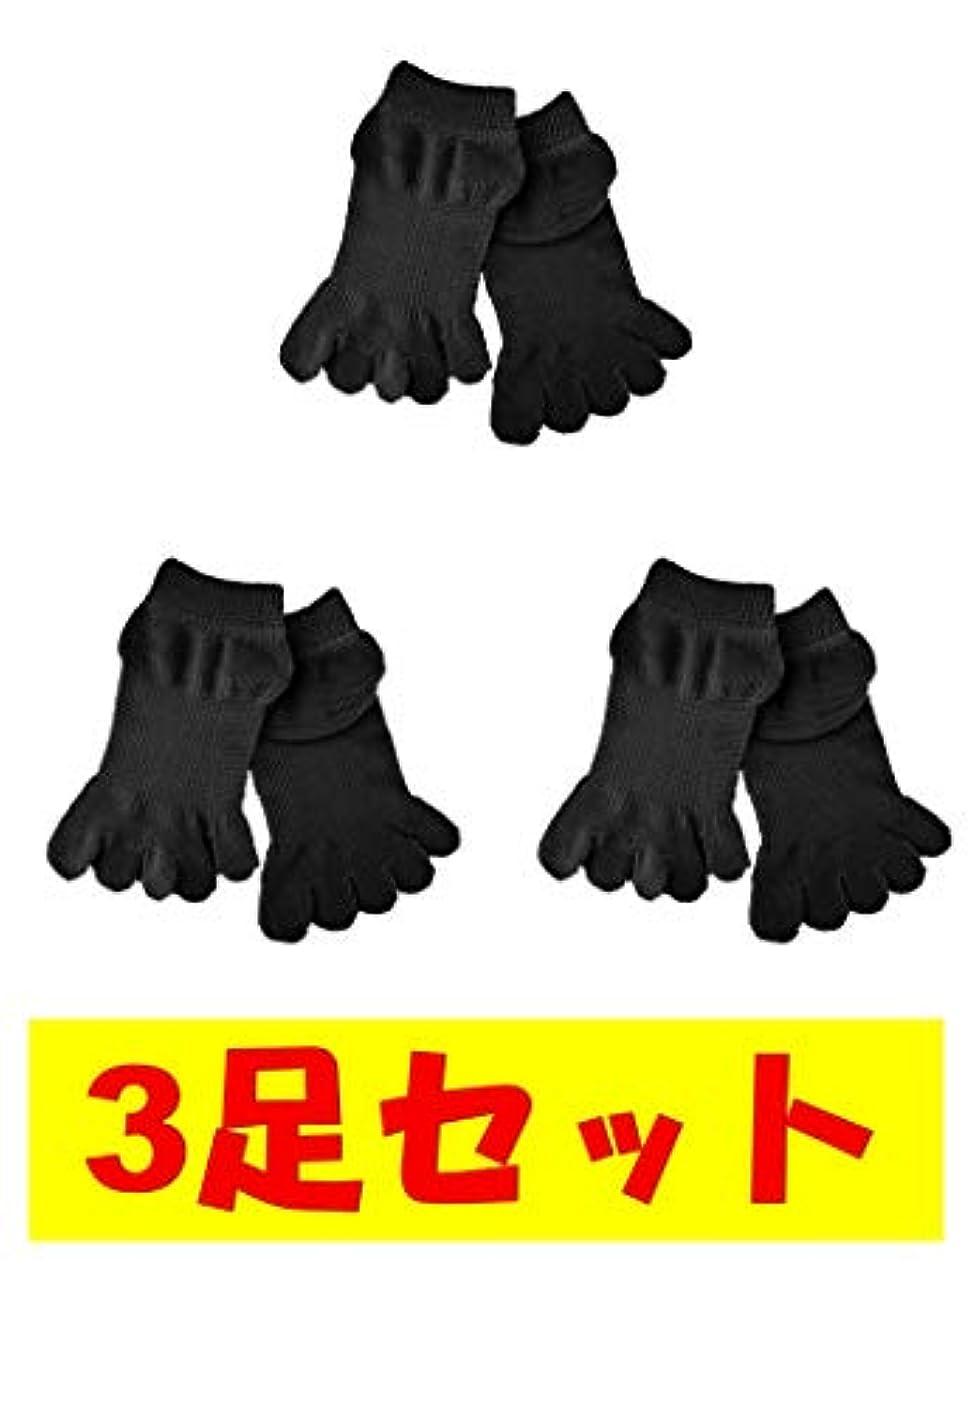 切断するロイヤリティ検出器お買い得3足セット 5本指 ゆびのばソックス ゆびのば アンクル ブラック Mサイズ 25.0cm-27.5cm YSANKL-BLK